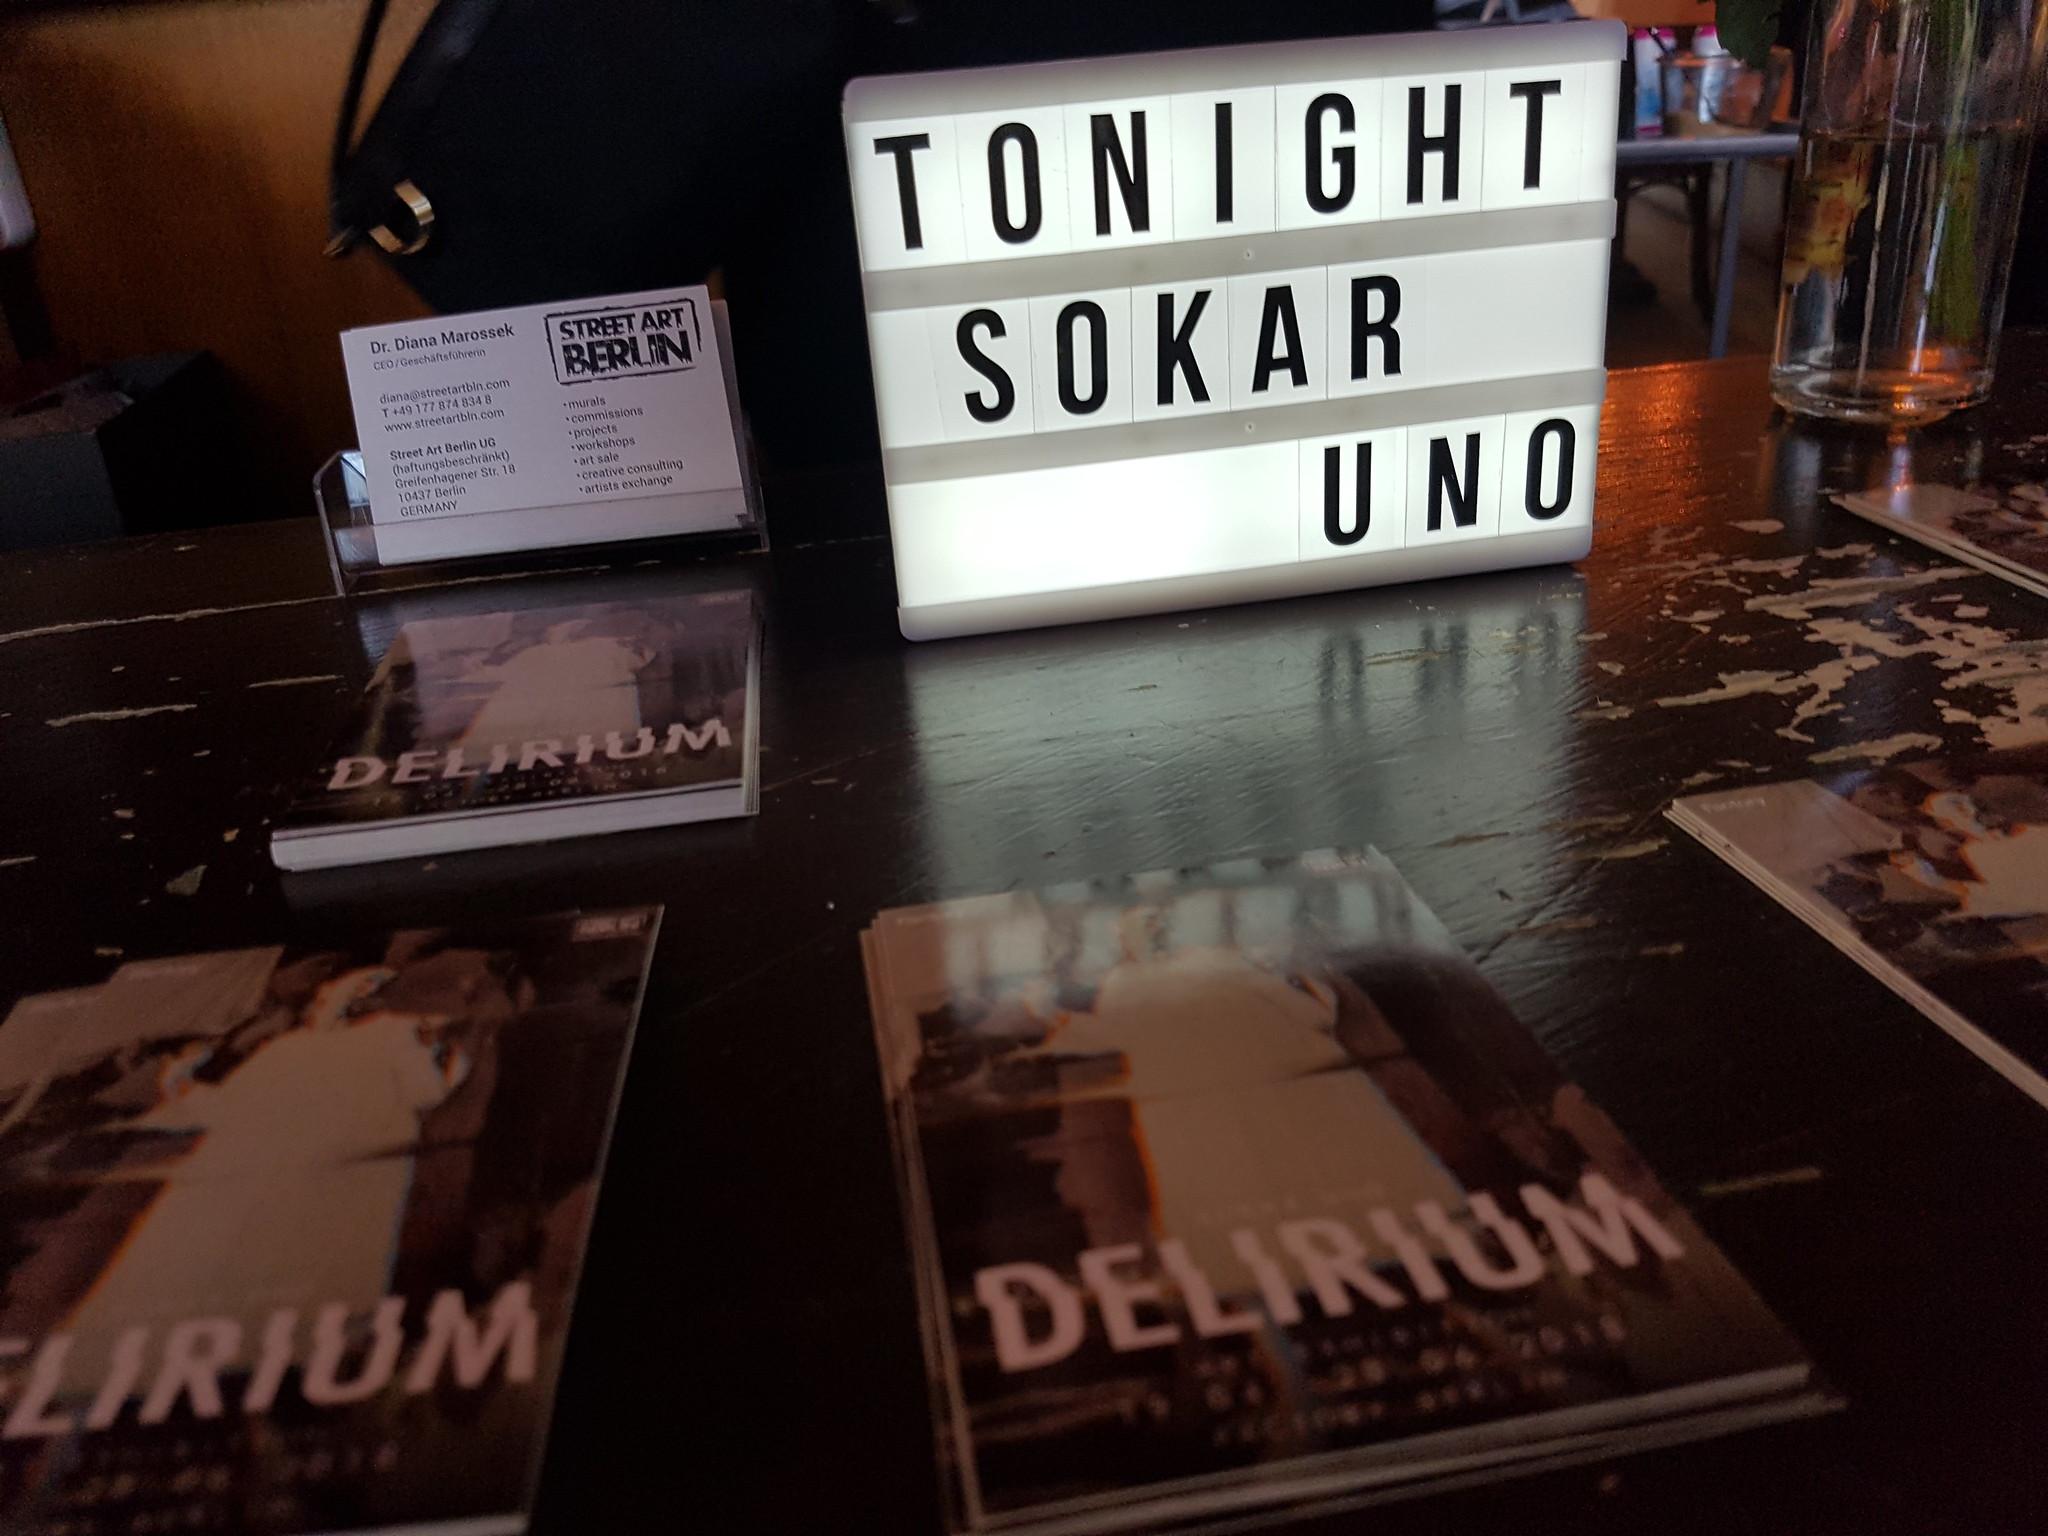 Sokar Uno Exhibition, Berlin